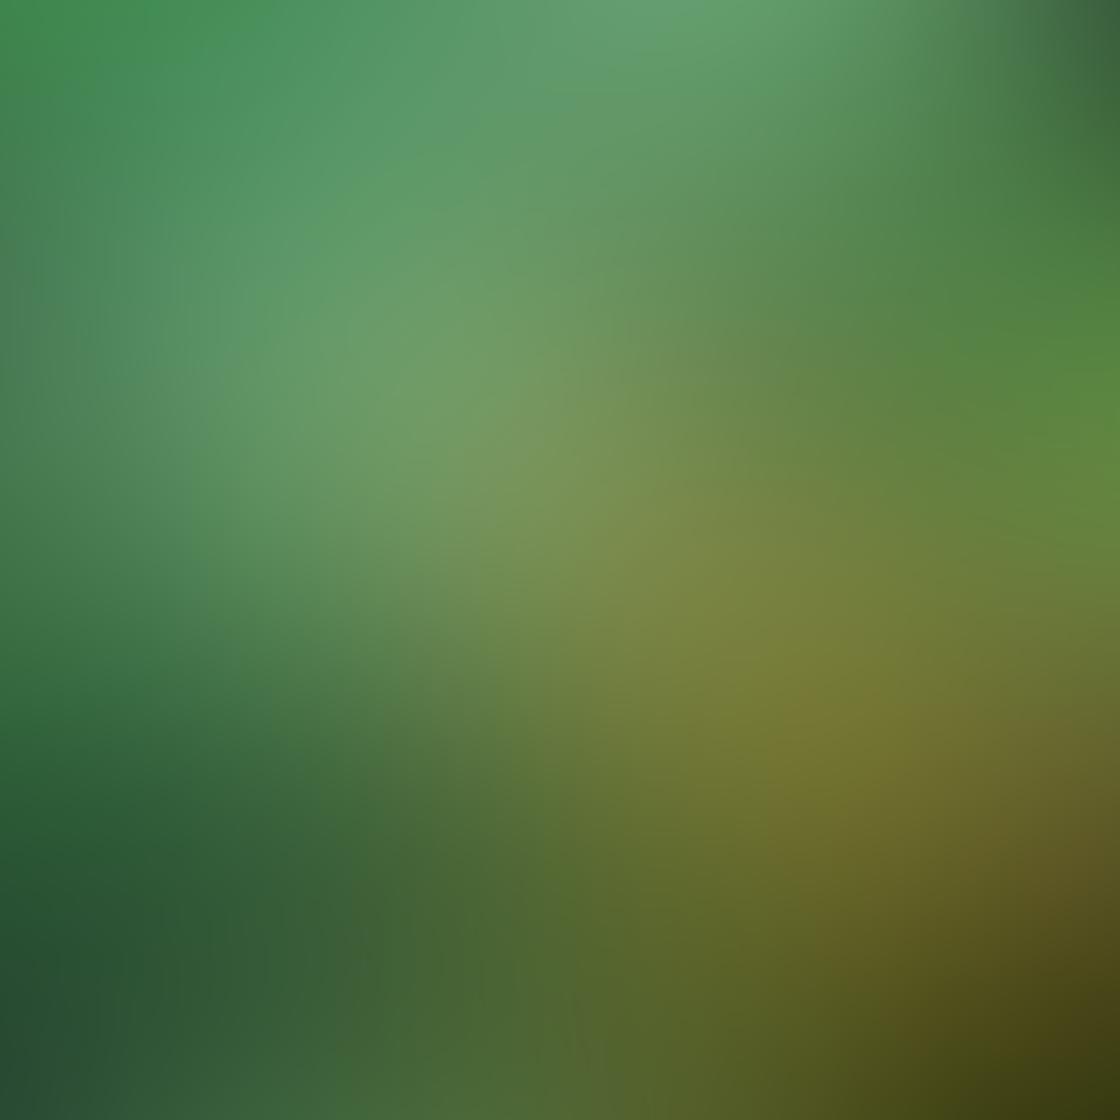 Green iPhone Photos 23